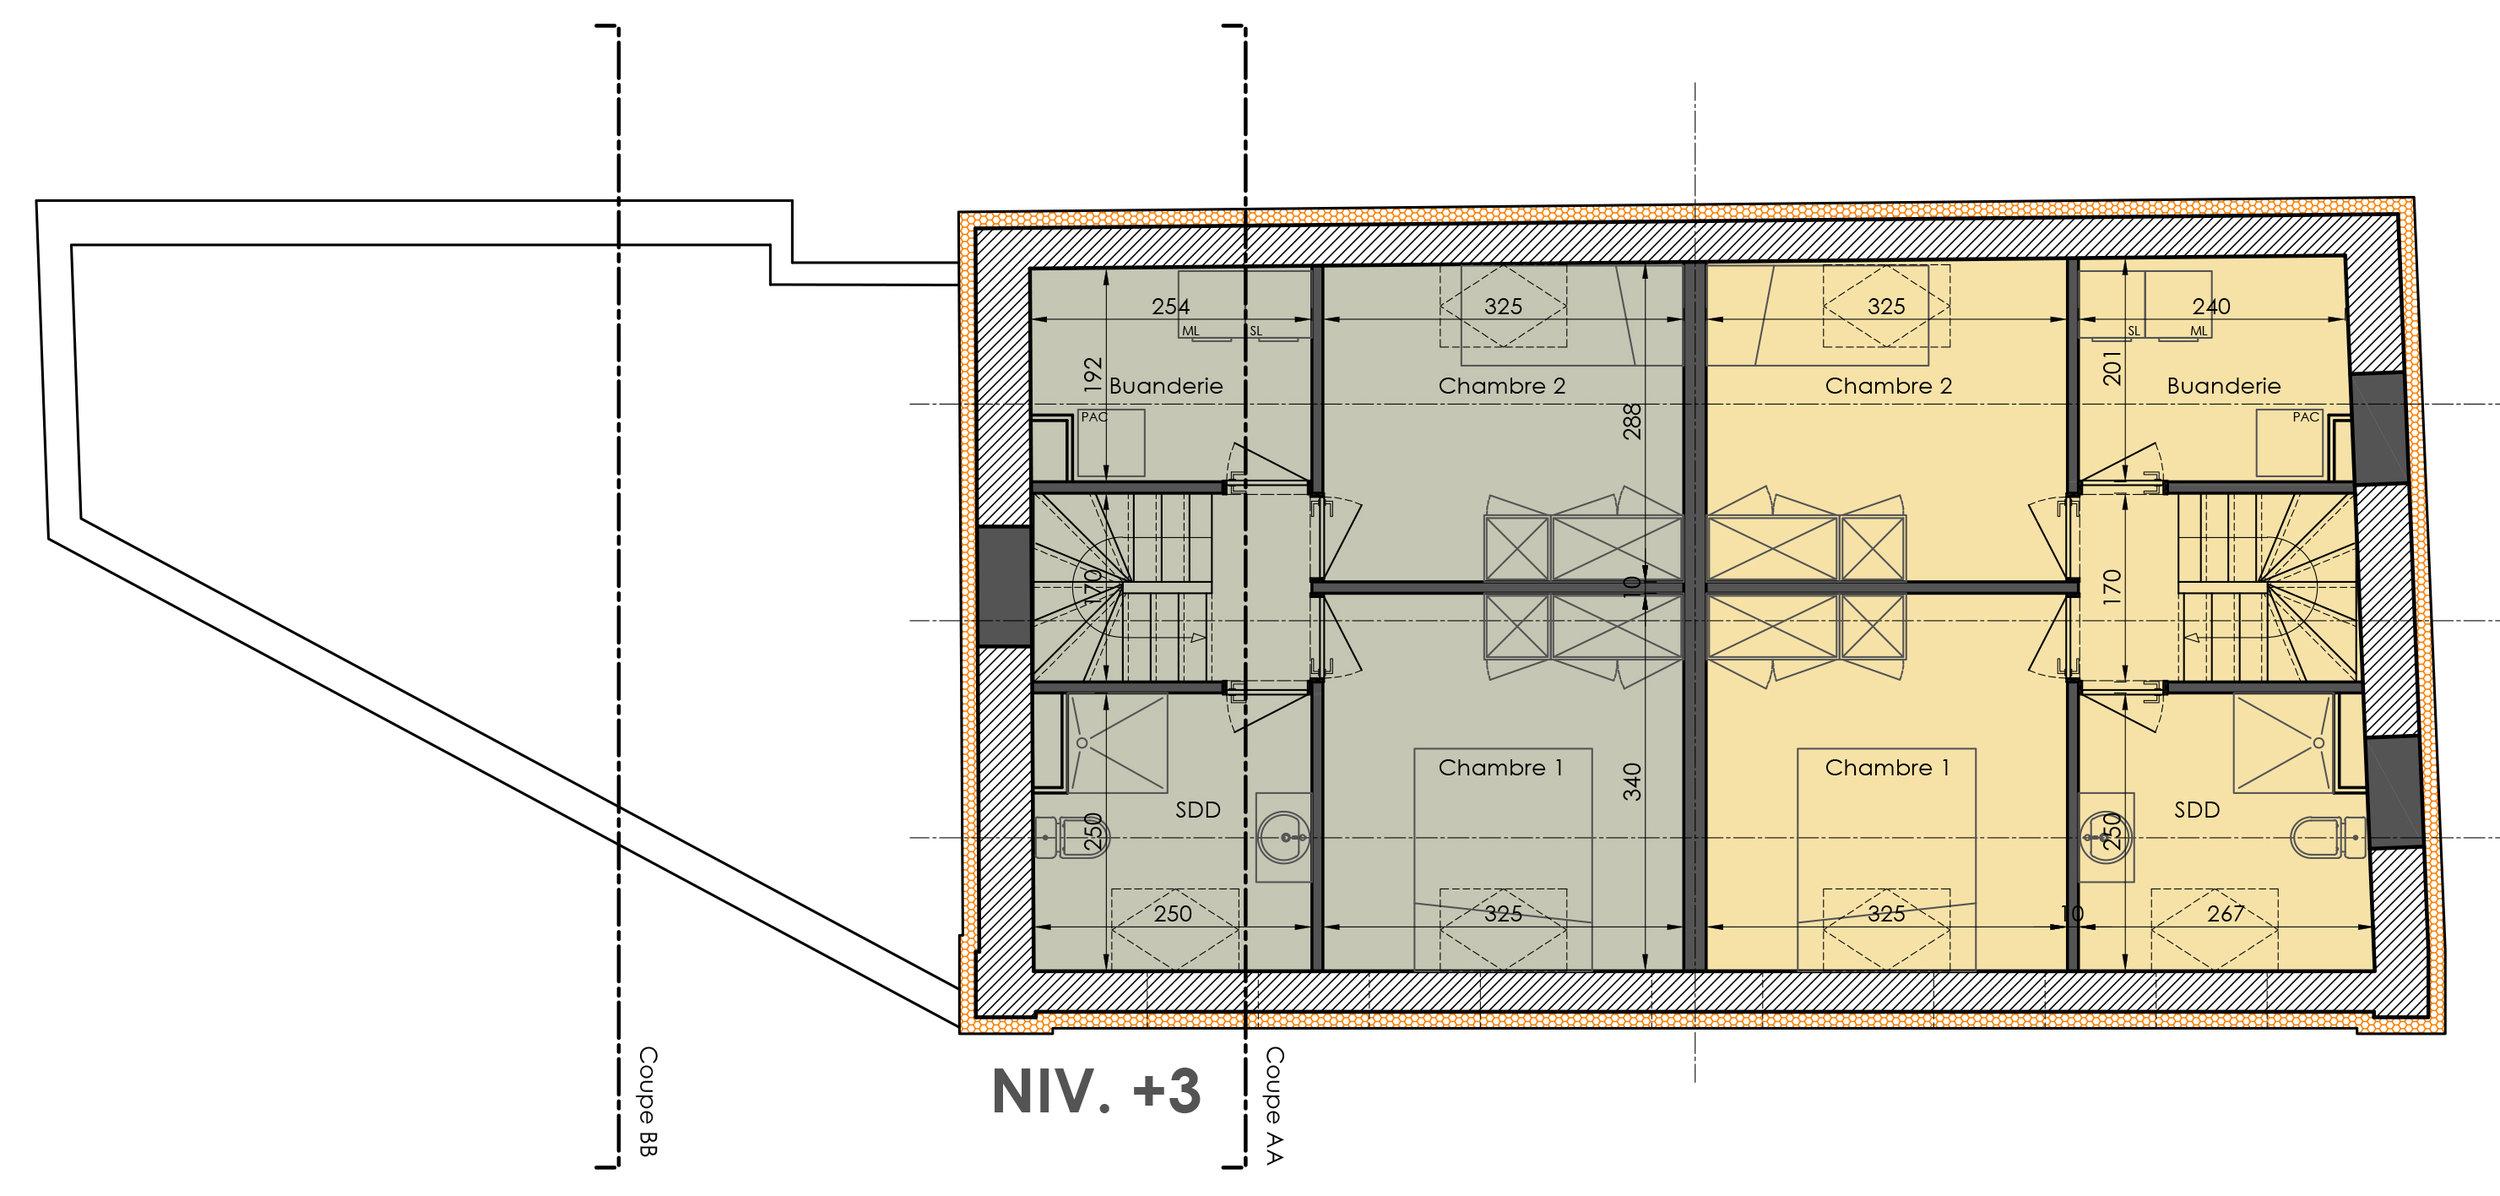 walcourt plan niv 3.jpg